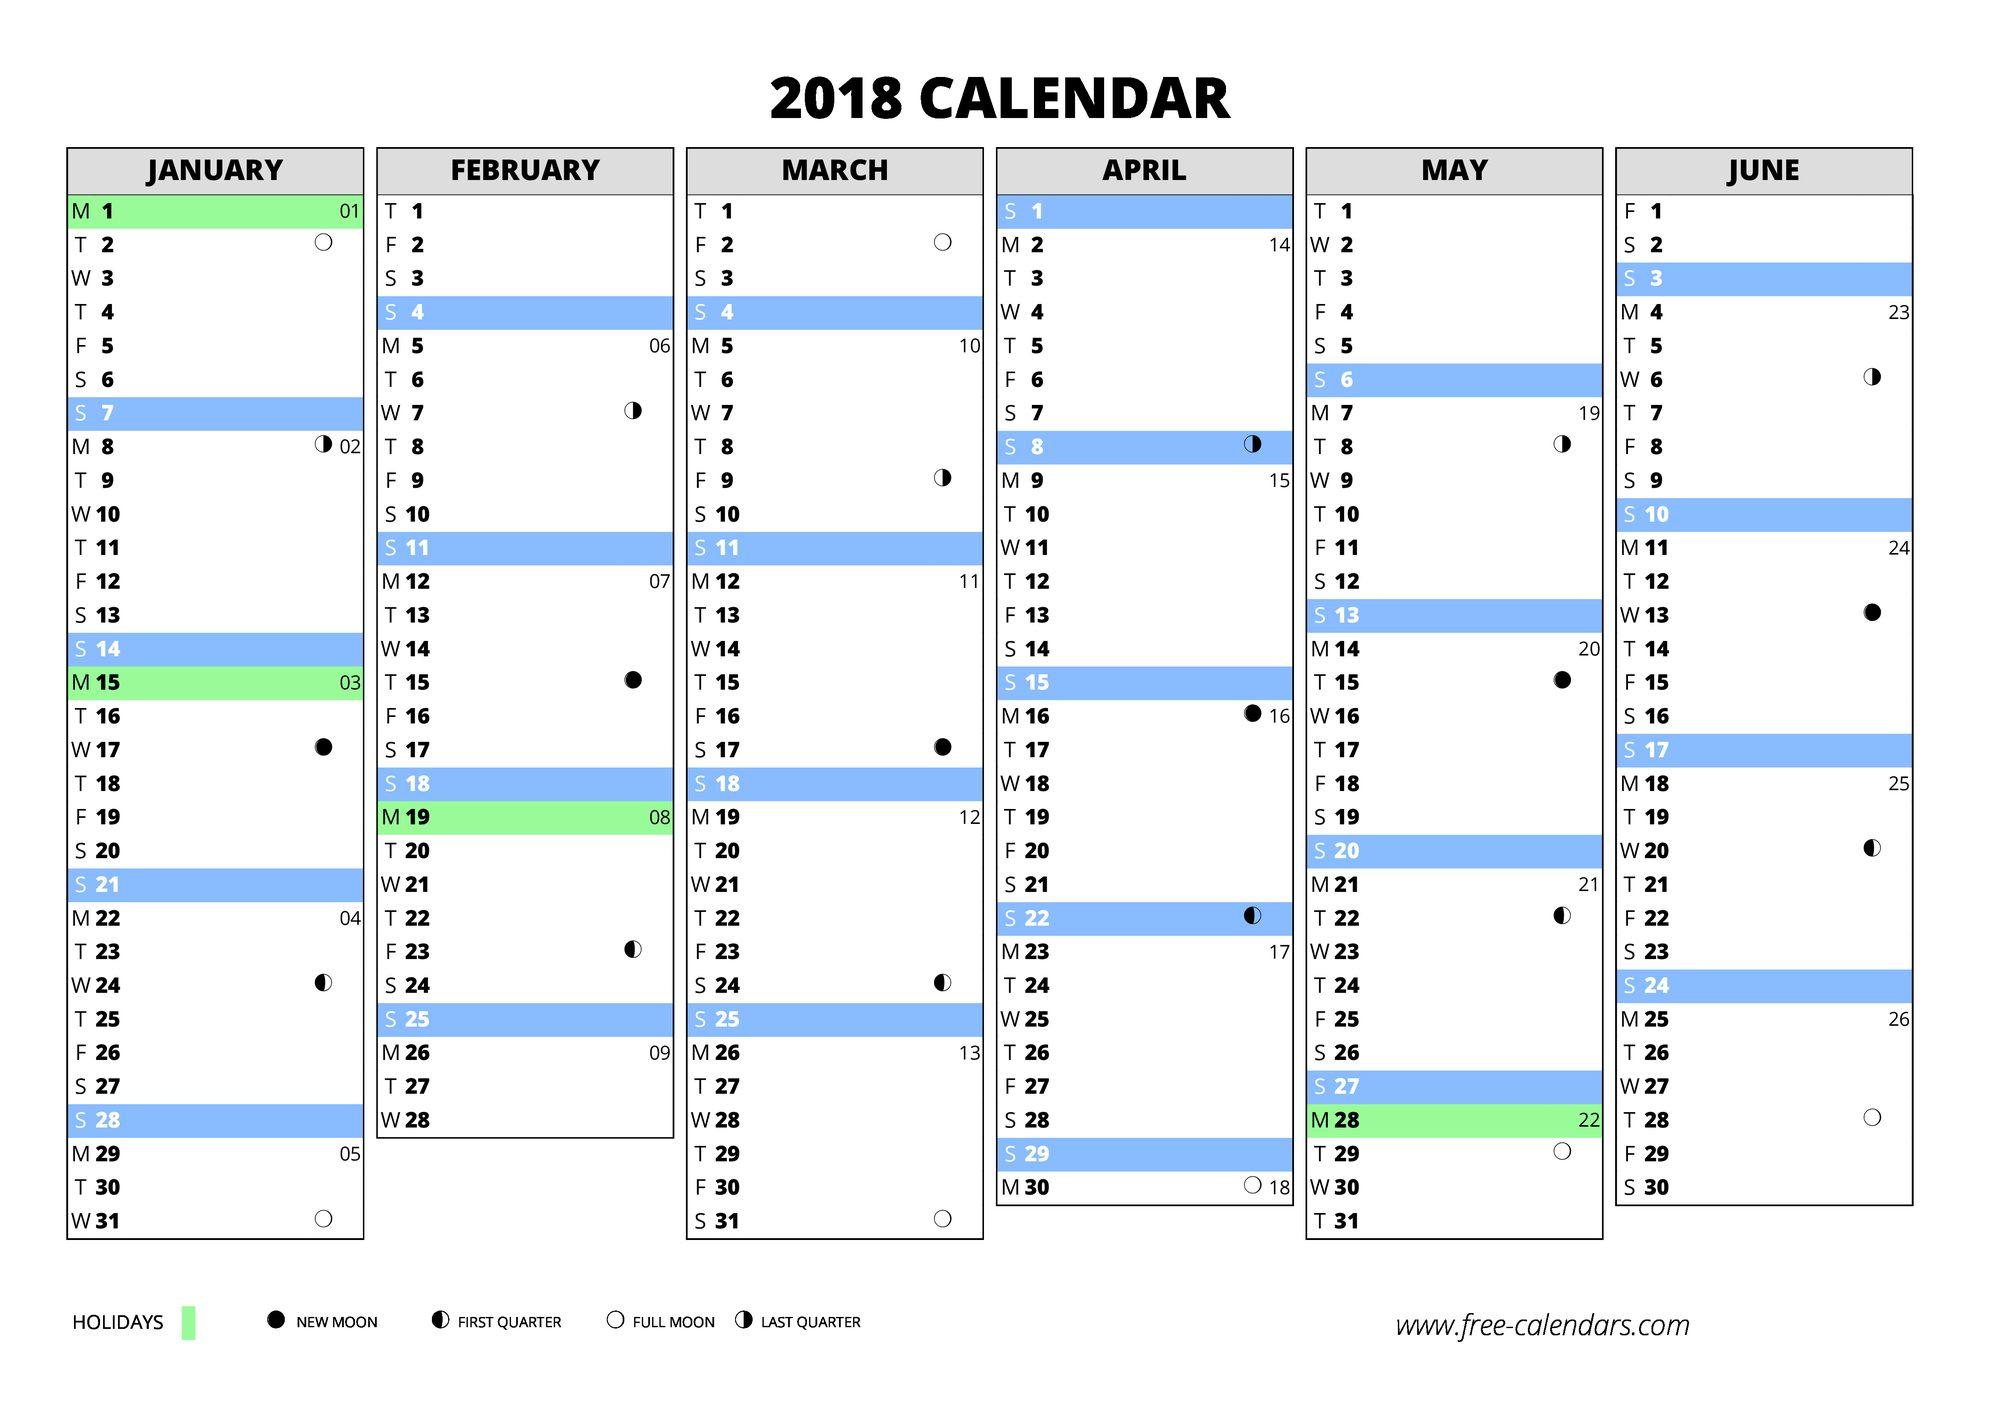 2018 calendar - free-calendars.com